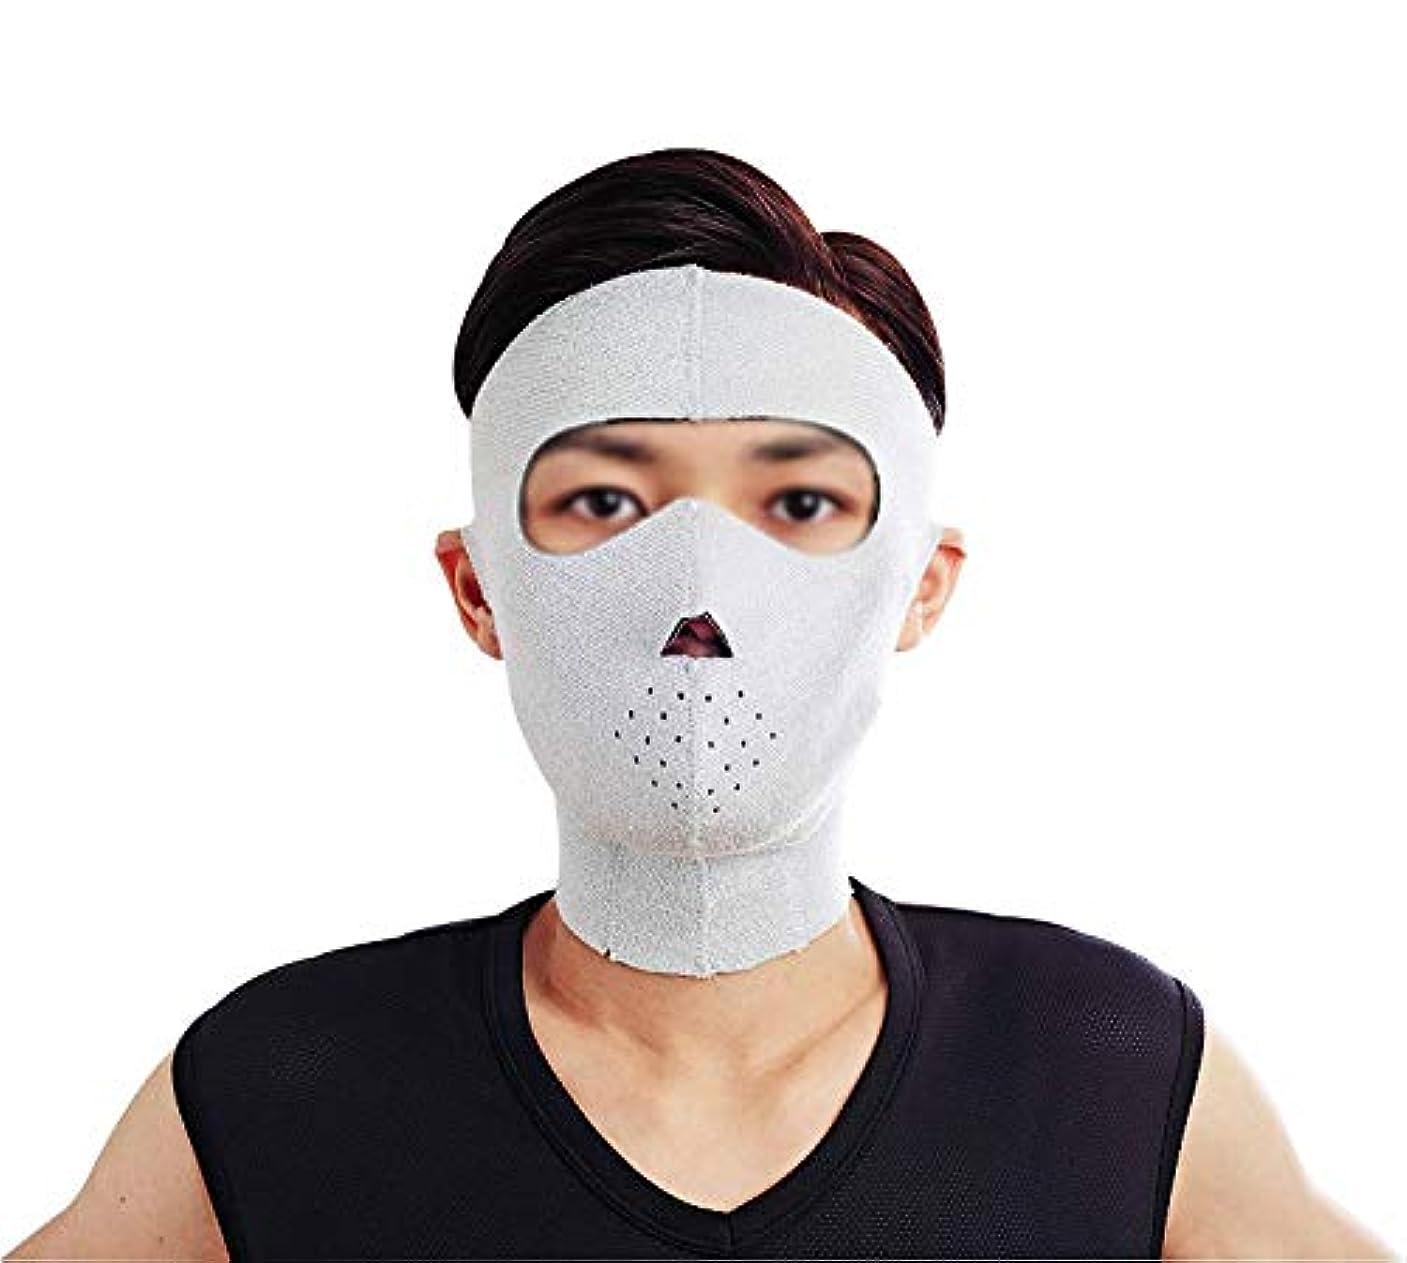 宇宙のニコチン暫定GLJJQMY 薄い顔のマスクのマスクと男性のネックバンドとの垂れ下がり防止の薄い顔のマスクの薄い顔のマスクのアーチファクトの美しさを引き締め 顔用整形マスク